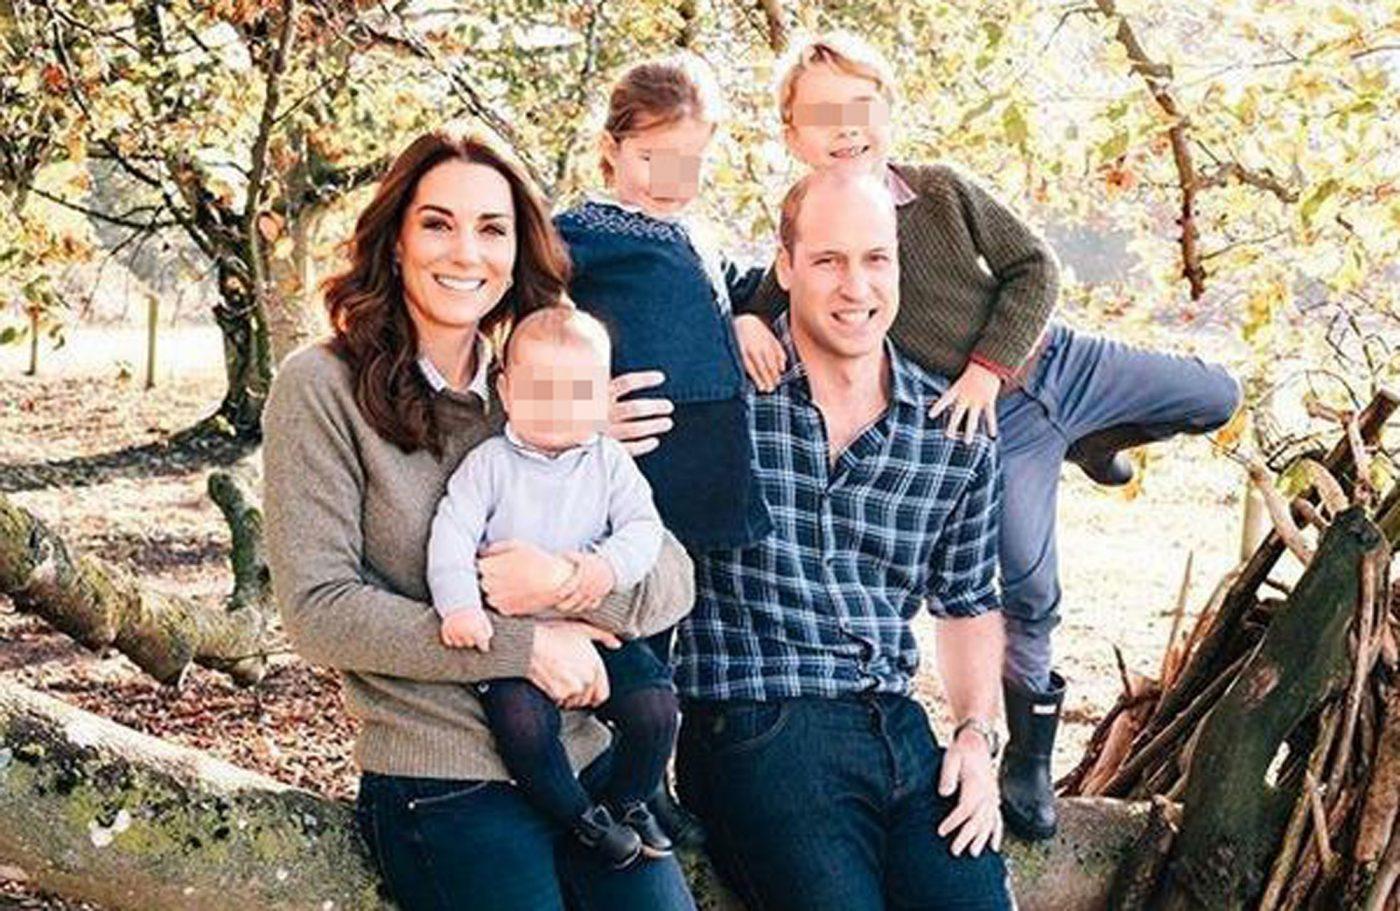 Kate Middleton rimproverata dai suoi figli come mamma: 'Mi sento in colpa'